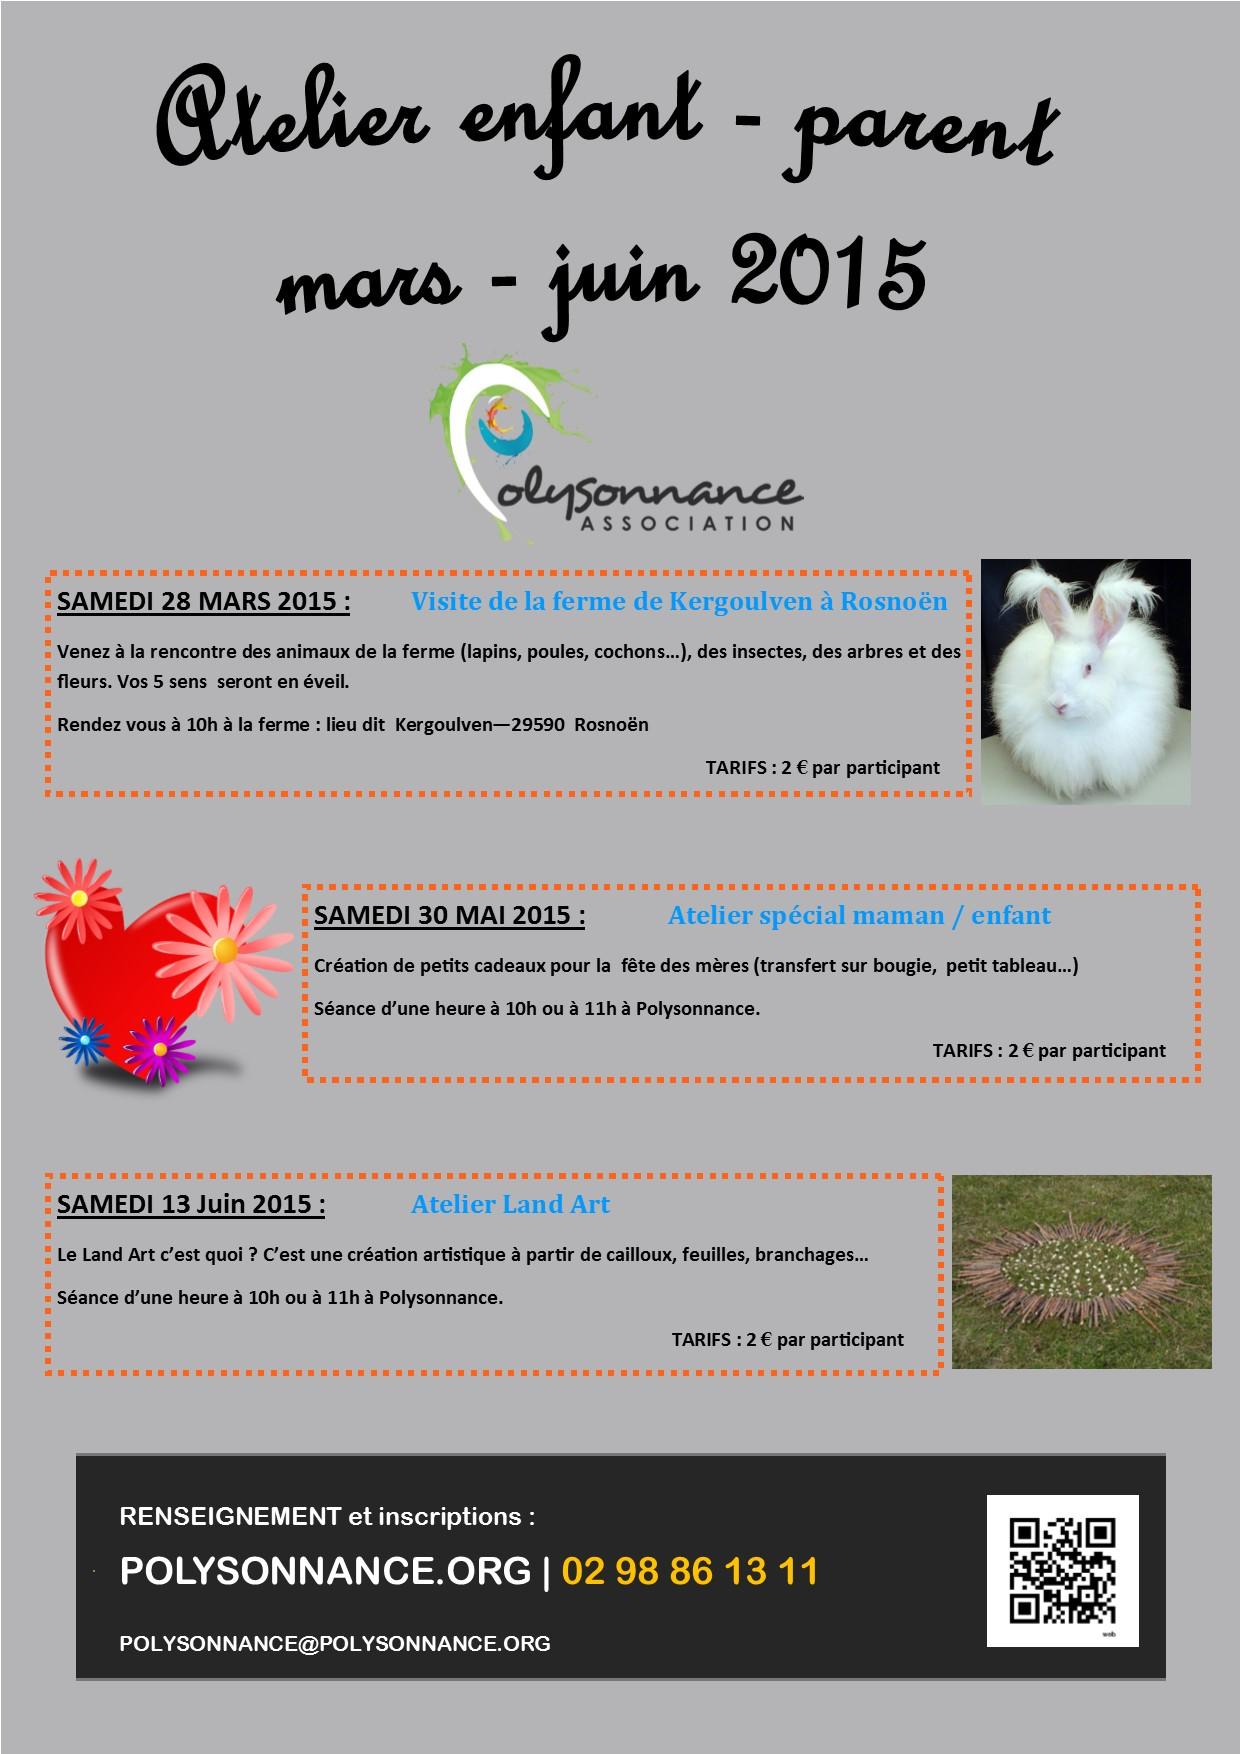 ATELIER ENFANT/PARENTS : Programmation de mars à juin 2015